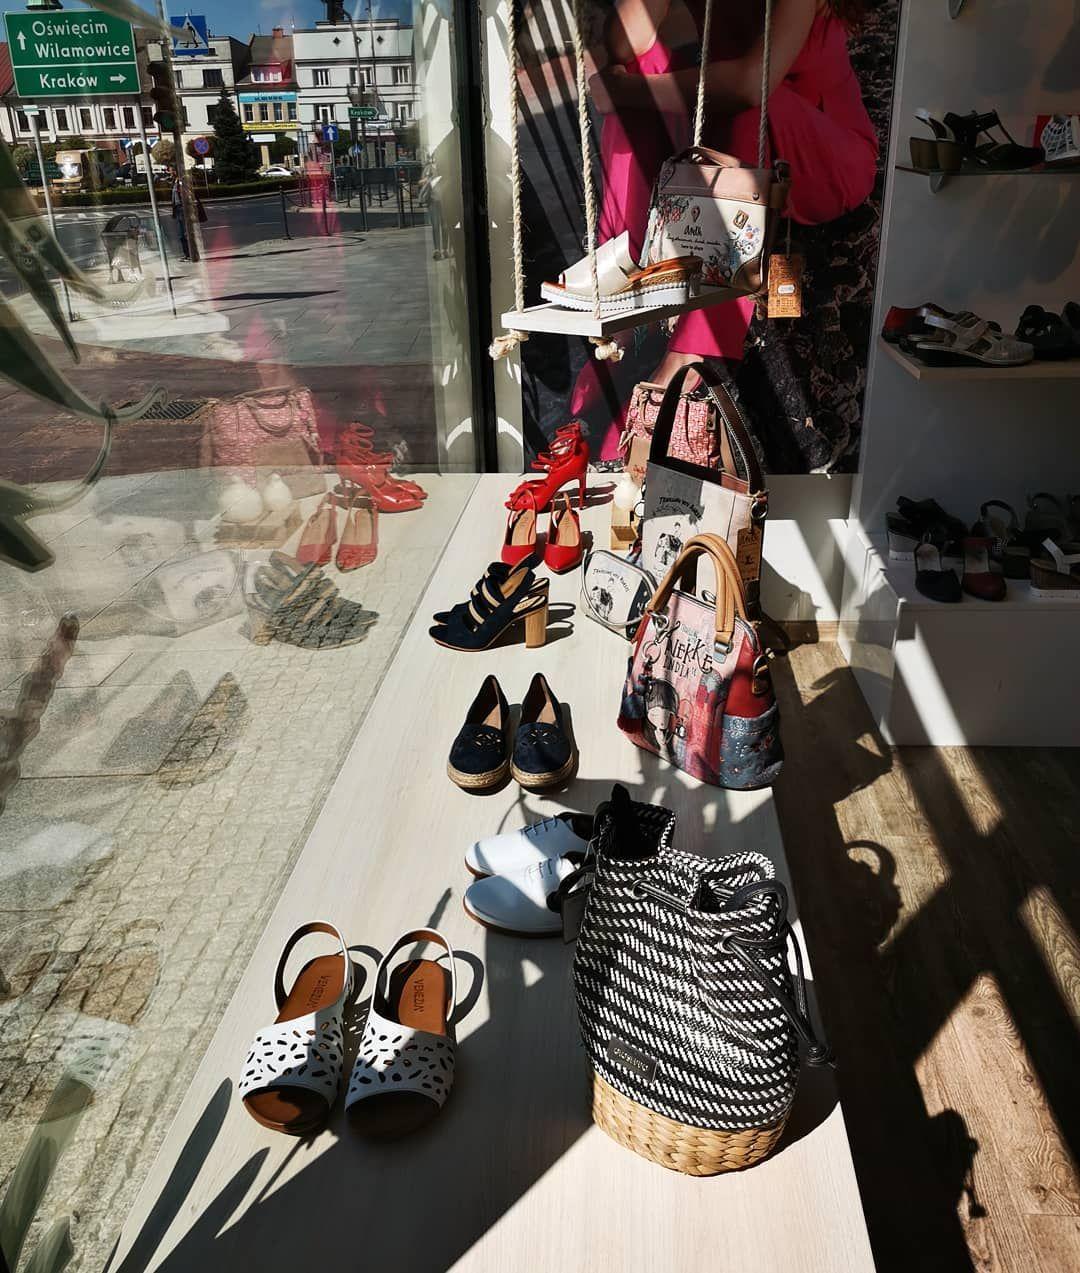 Wystawa W Letnim Klimacie Pogoda Nas Rozpieszcza Slonce Swieci I Pozytywnie Nastraja Shopwindow Springshoes Miu Miu Ballet Flats Shoes Ballet Flats